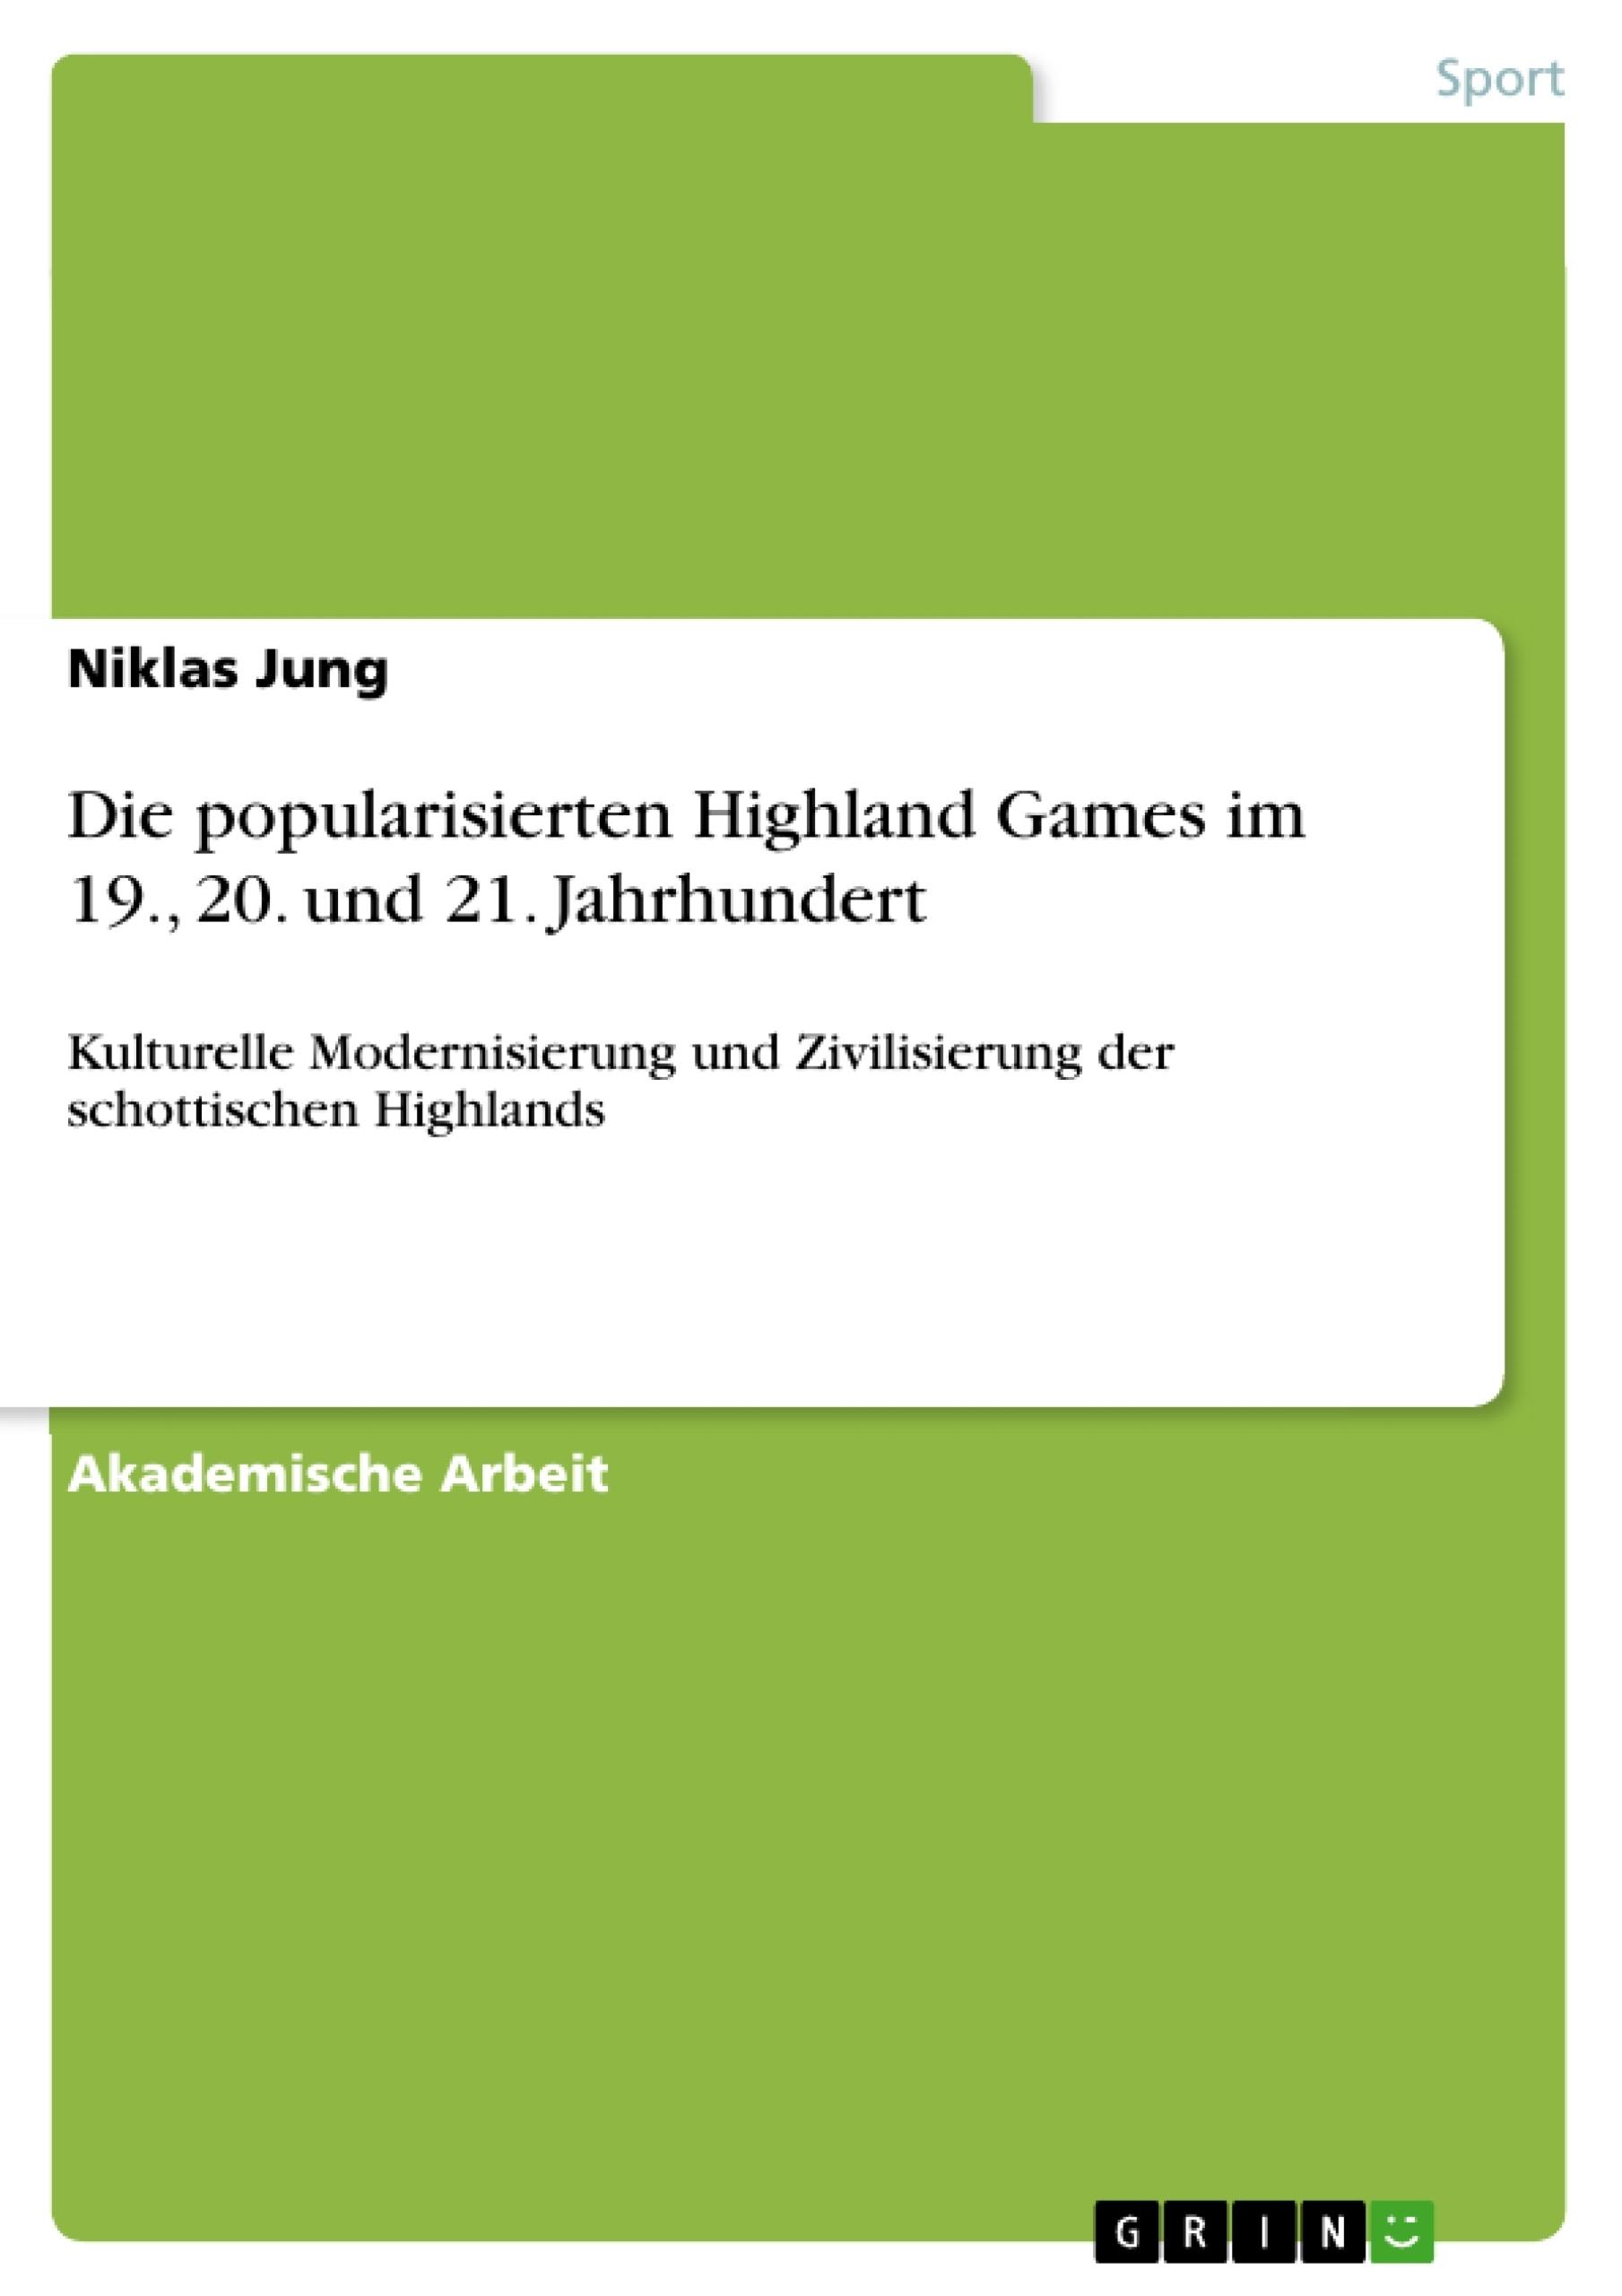 Titel: Die popularisierten Highland Games im 19., 20. und 21. Jahrhundert